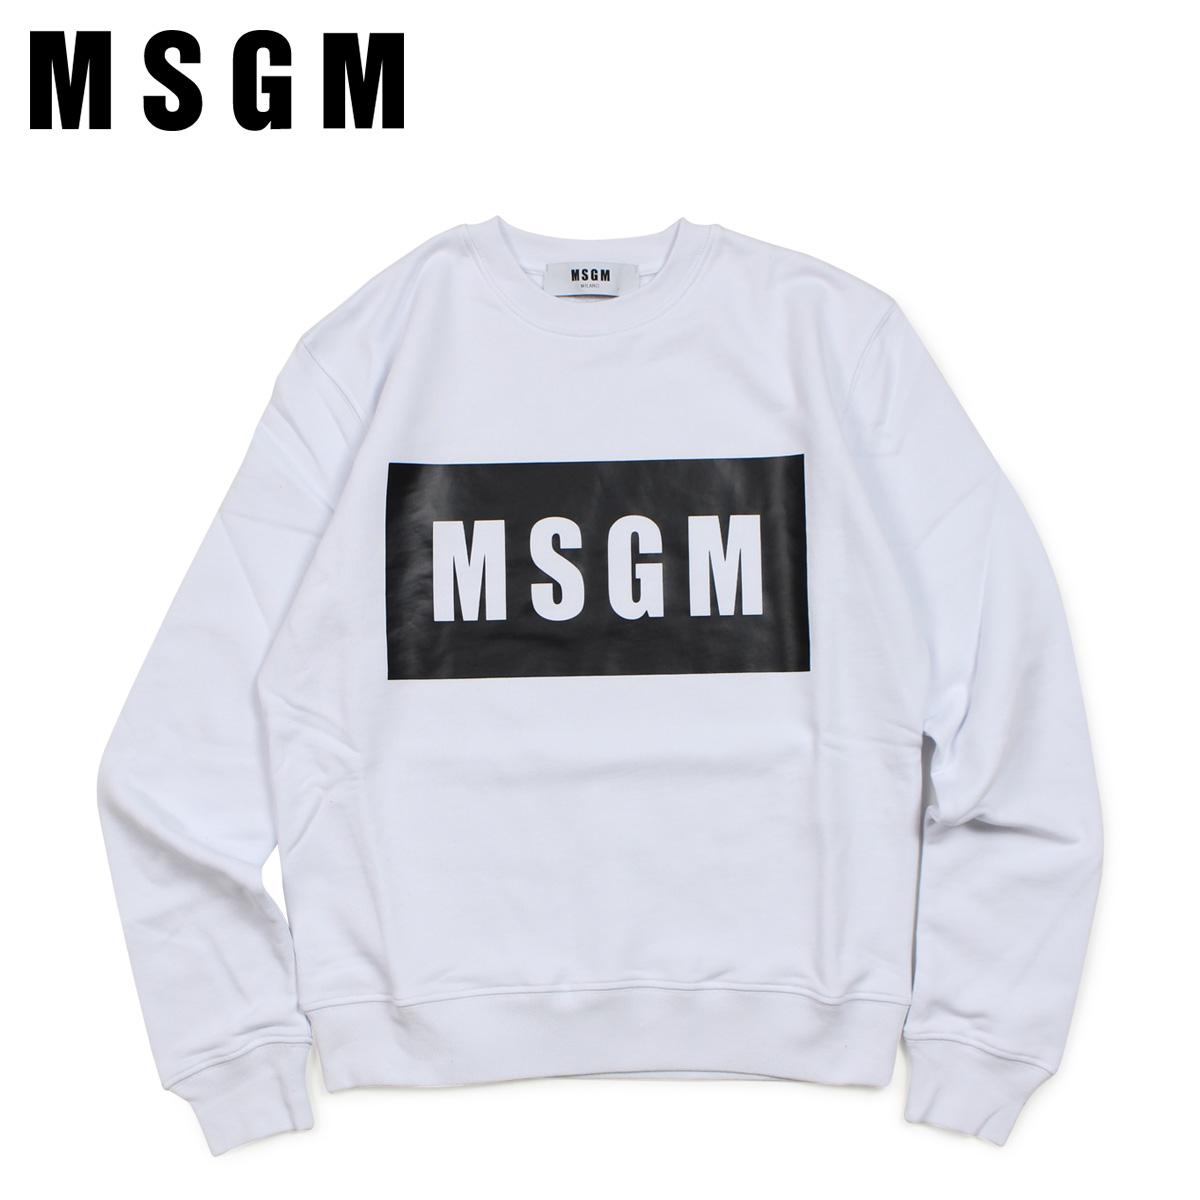 エムエスジーエム MSGM トレーナー スウェット レディース BOX LOGO LONG SLEEVED SHIRTS ホワイト 白 2441MDM96 184298